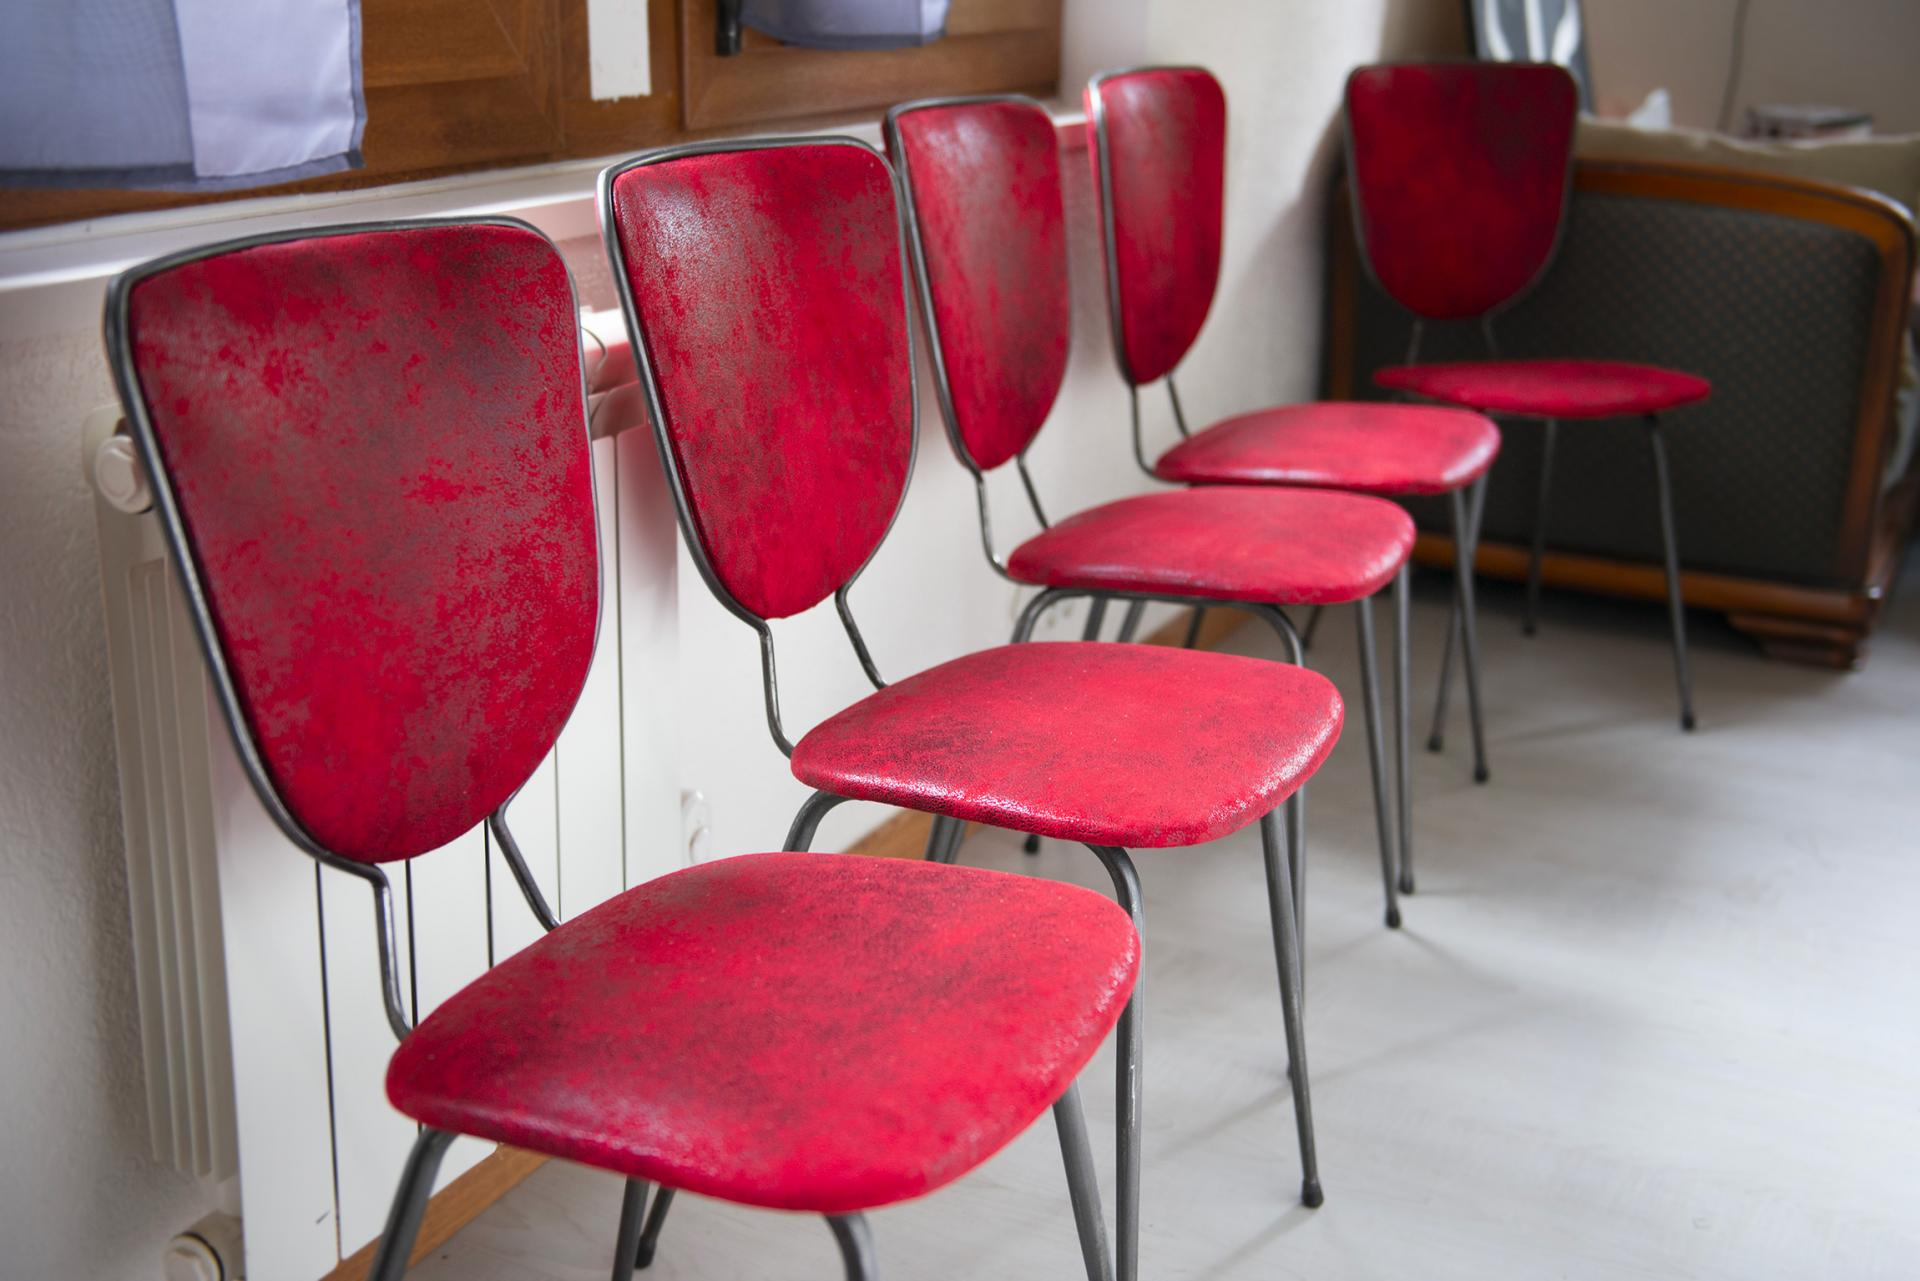 Restauration de 5 chaises